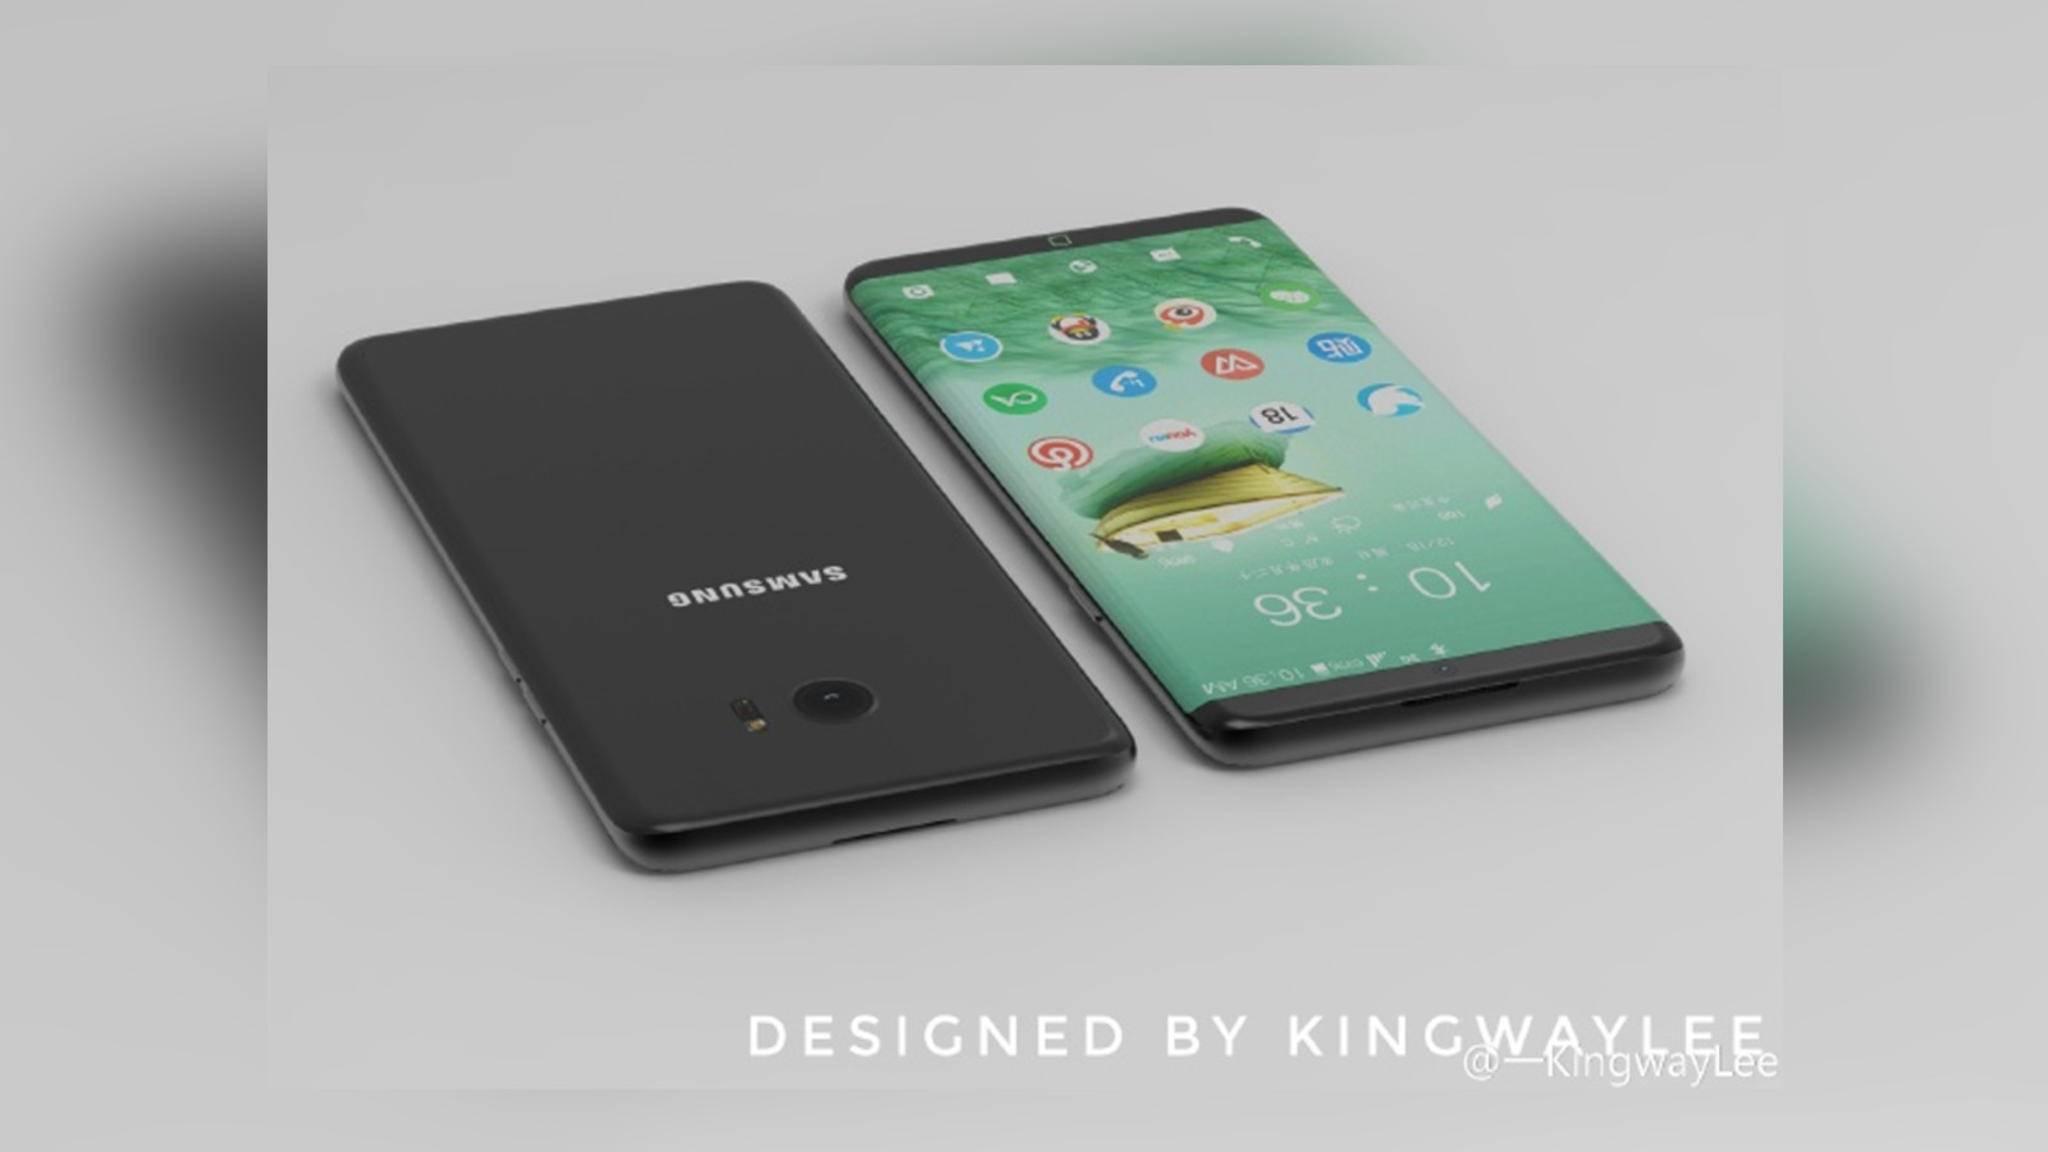 Das Galaxy S8 setzt auf den Sprachassistenten Bixby.